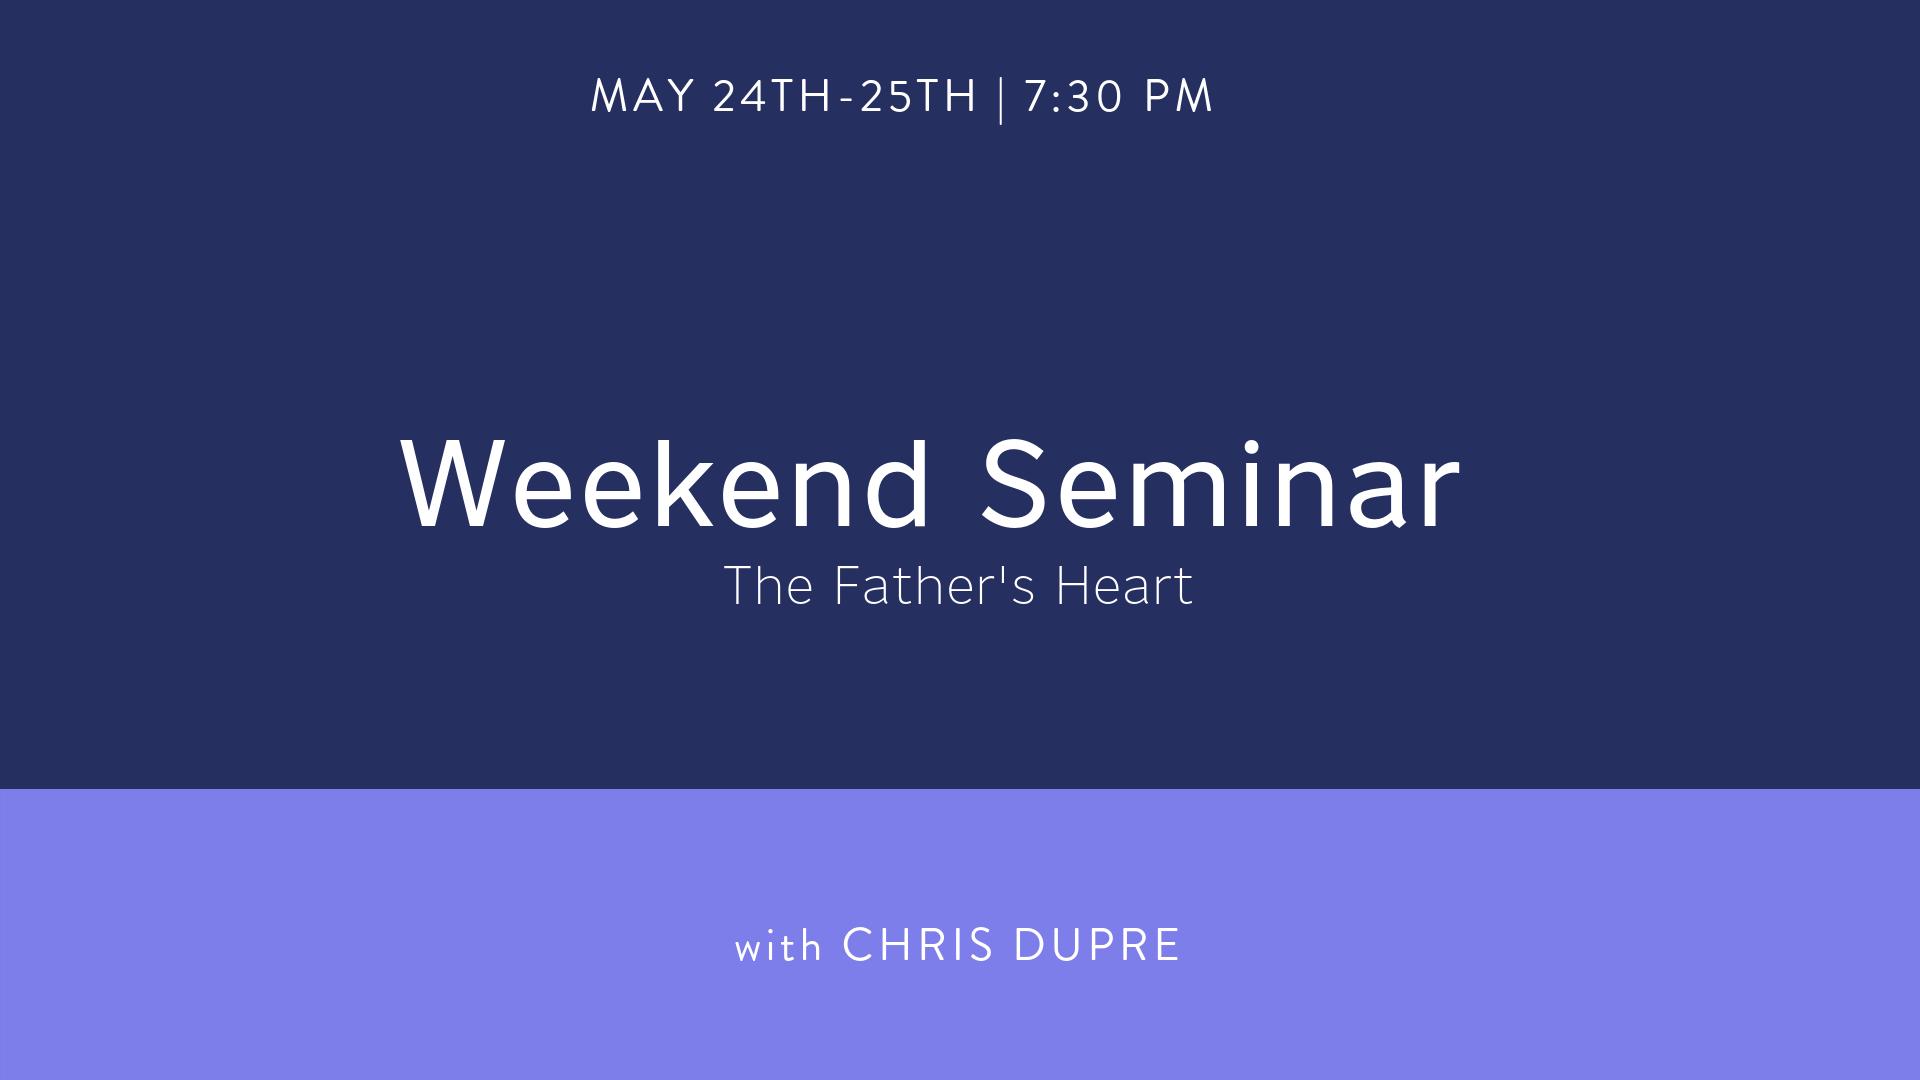 5-Weekend Seminar.png